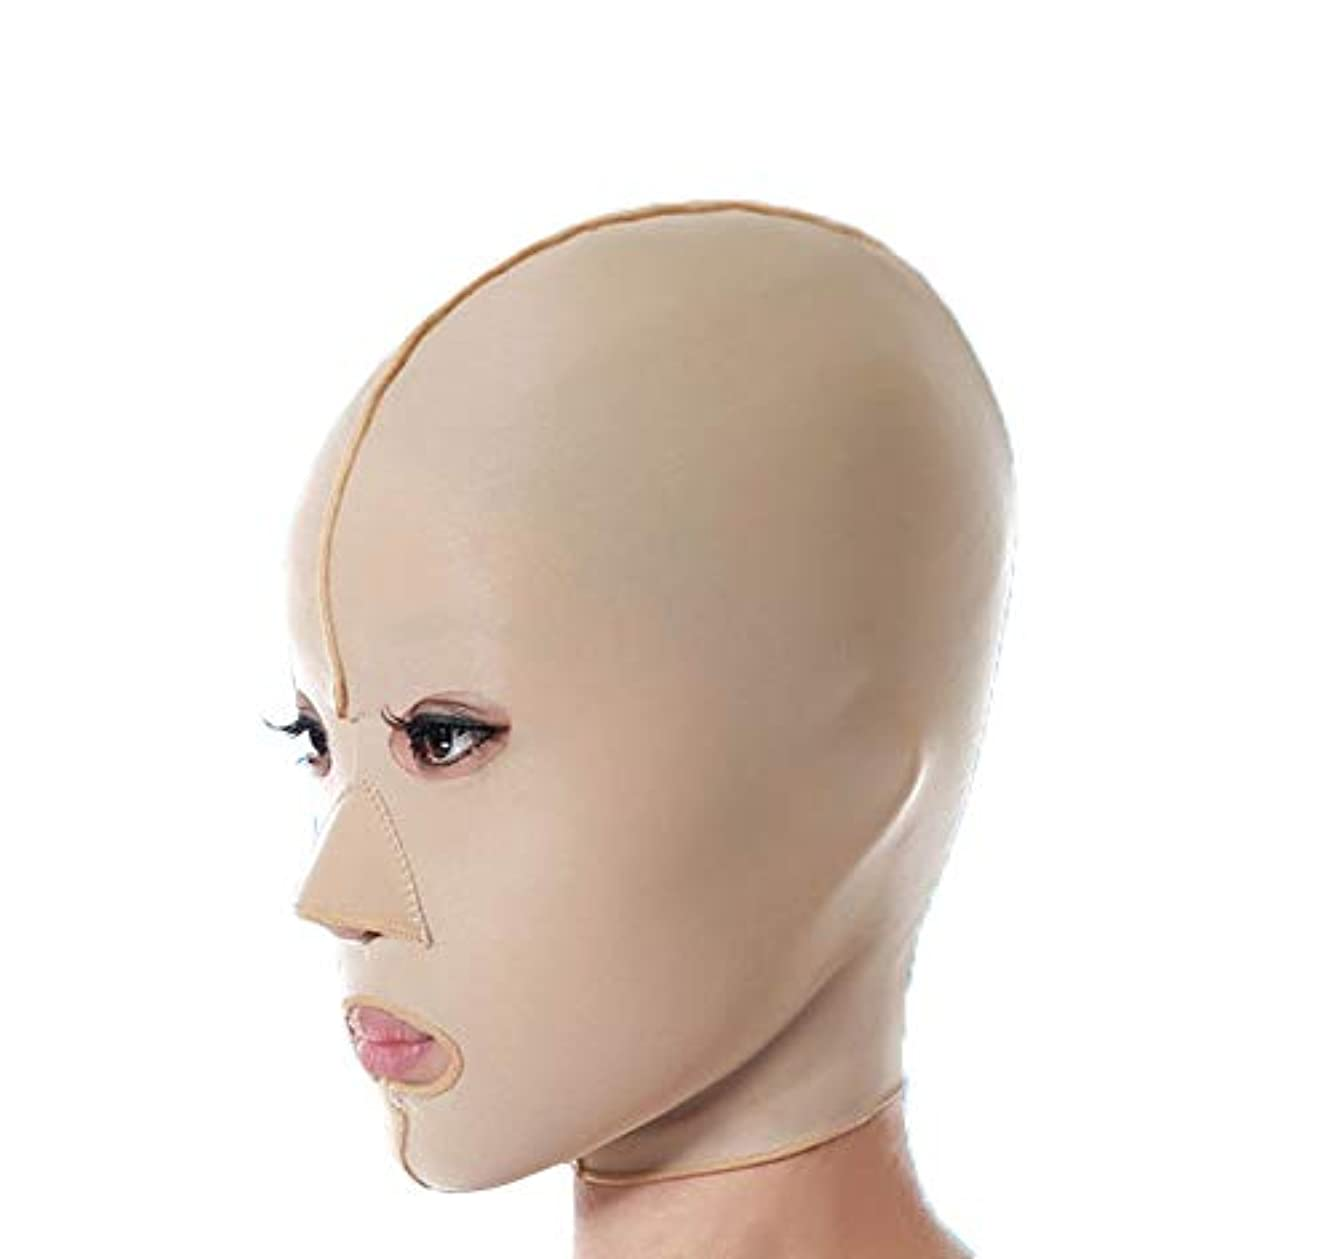 誘う手を差し伸べる狼TLMY 引き締めマスクマスク漢方薬強力なマスクアーティファクト美容垂れ防止方法フェイシャルリフティング引き締めフルフェイスマスク 顔用整形マスク (Size : S)